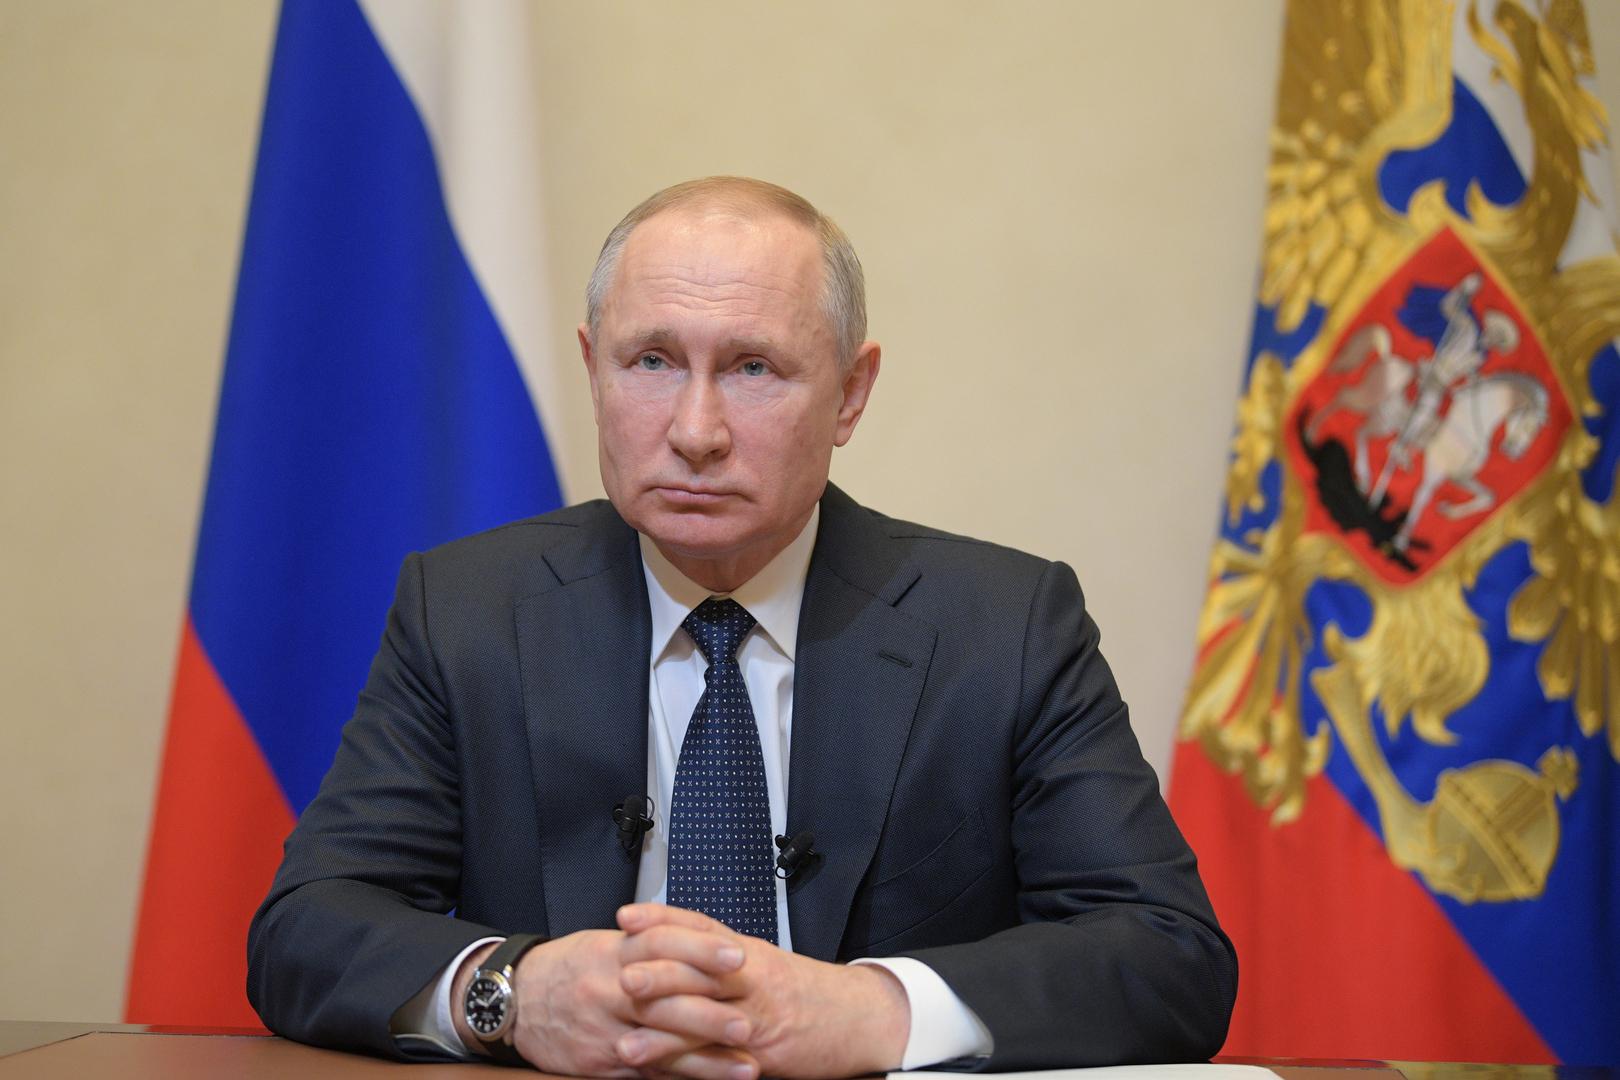 الرئيس الروسي فلاديمير بوتين يبعث رسالة إلى الشعب